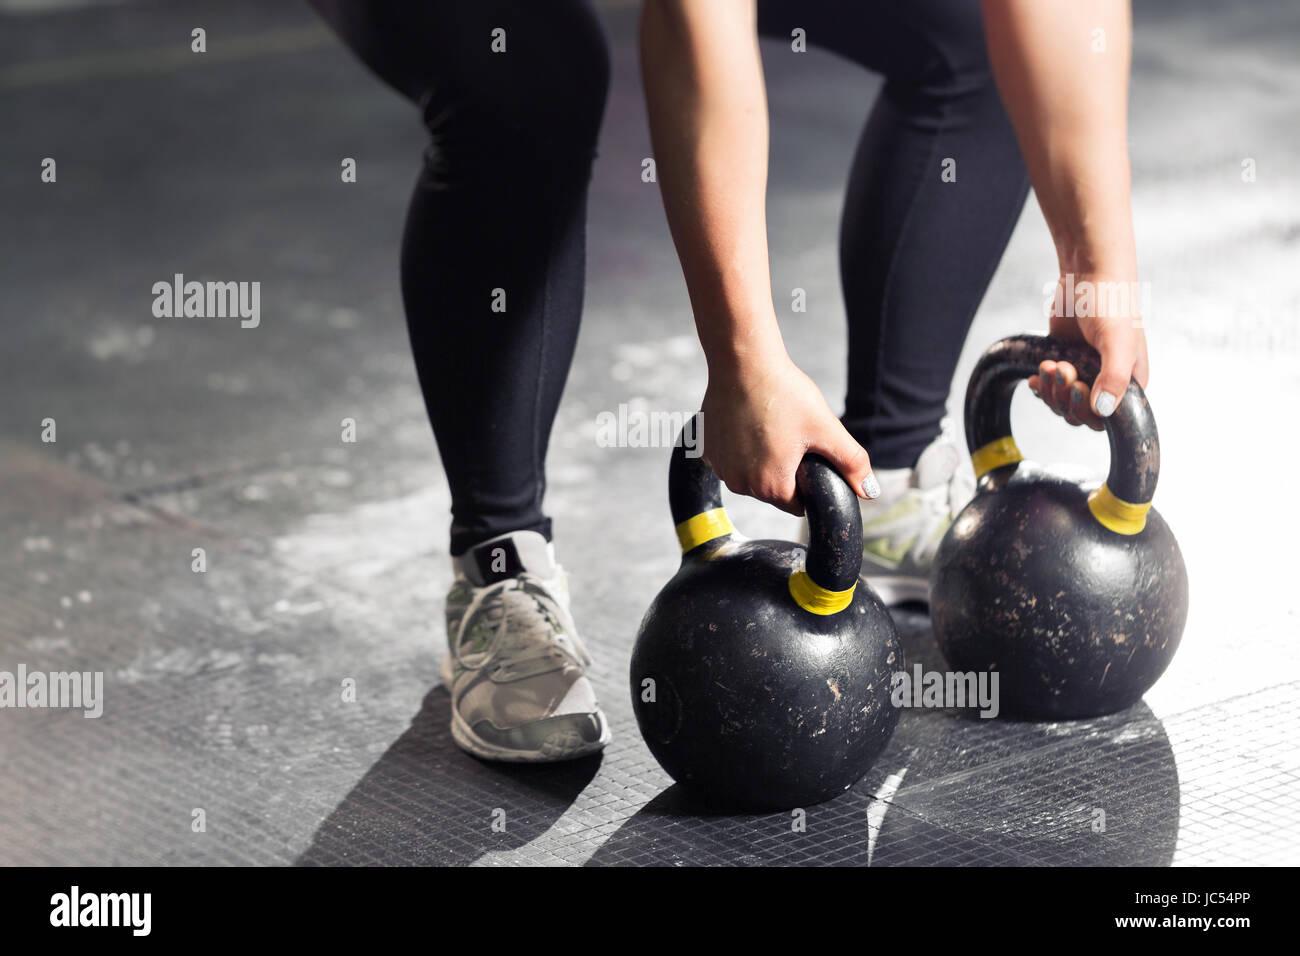 Kettlebell on floor. Girl training in gym - Stock Image